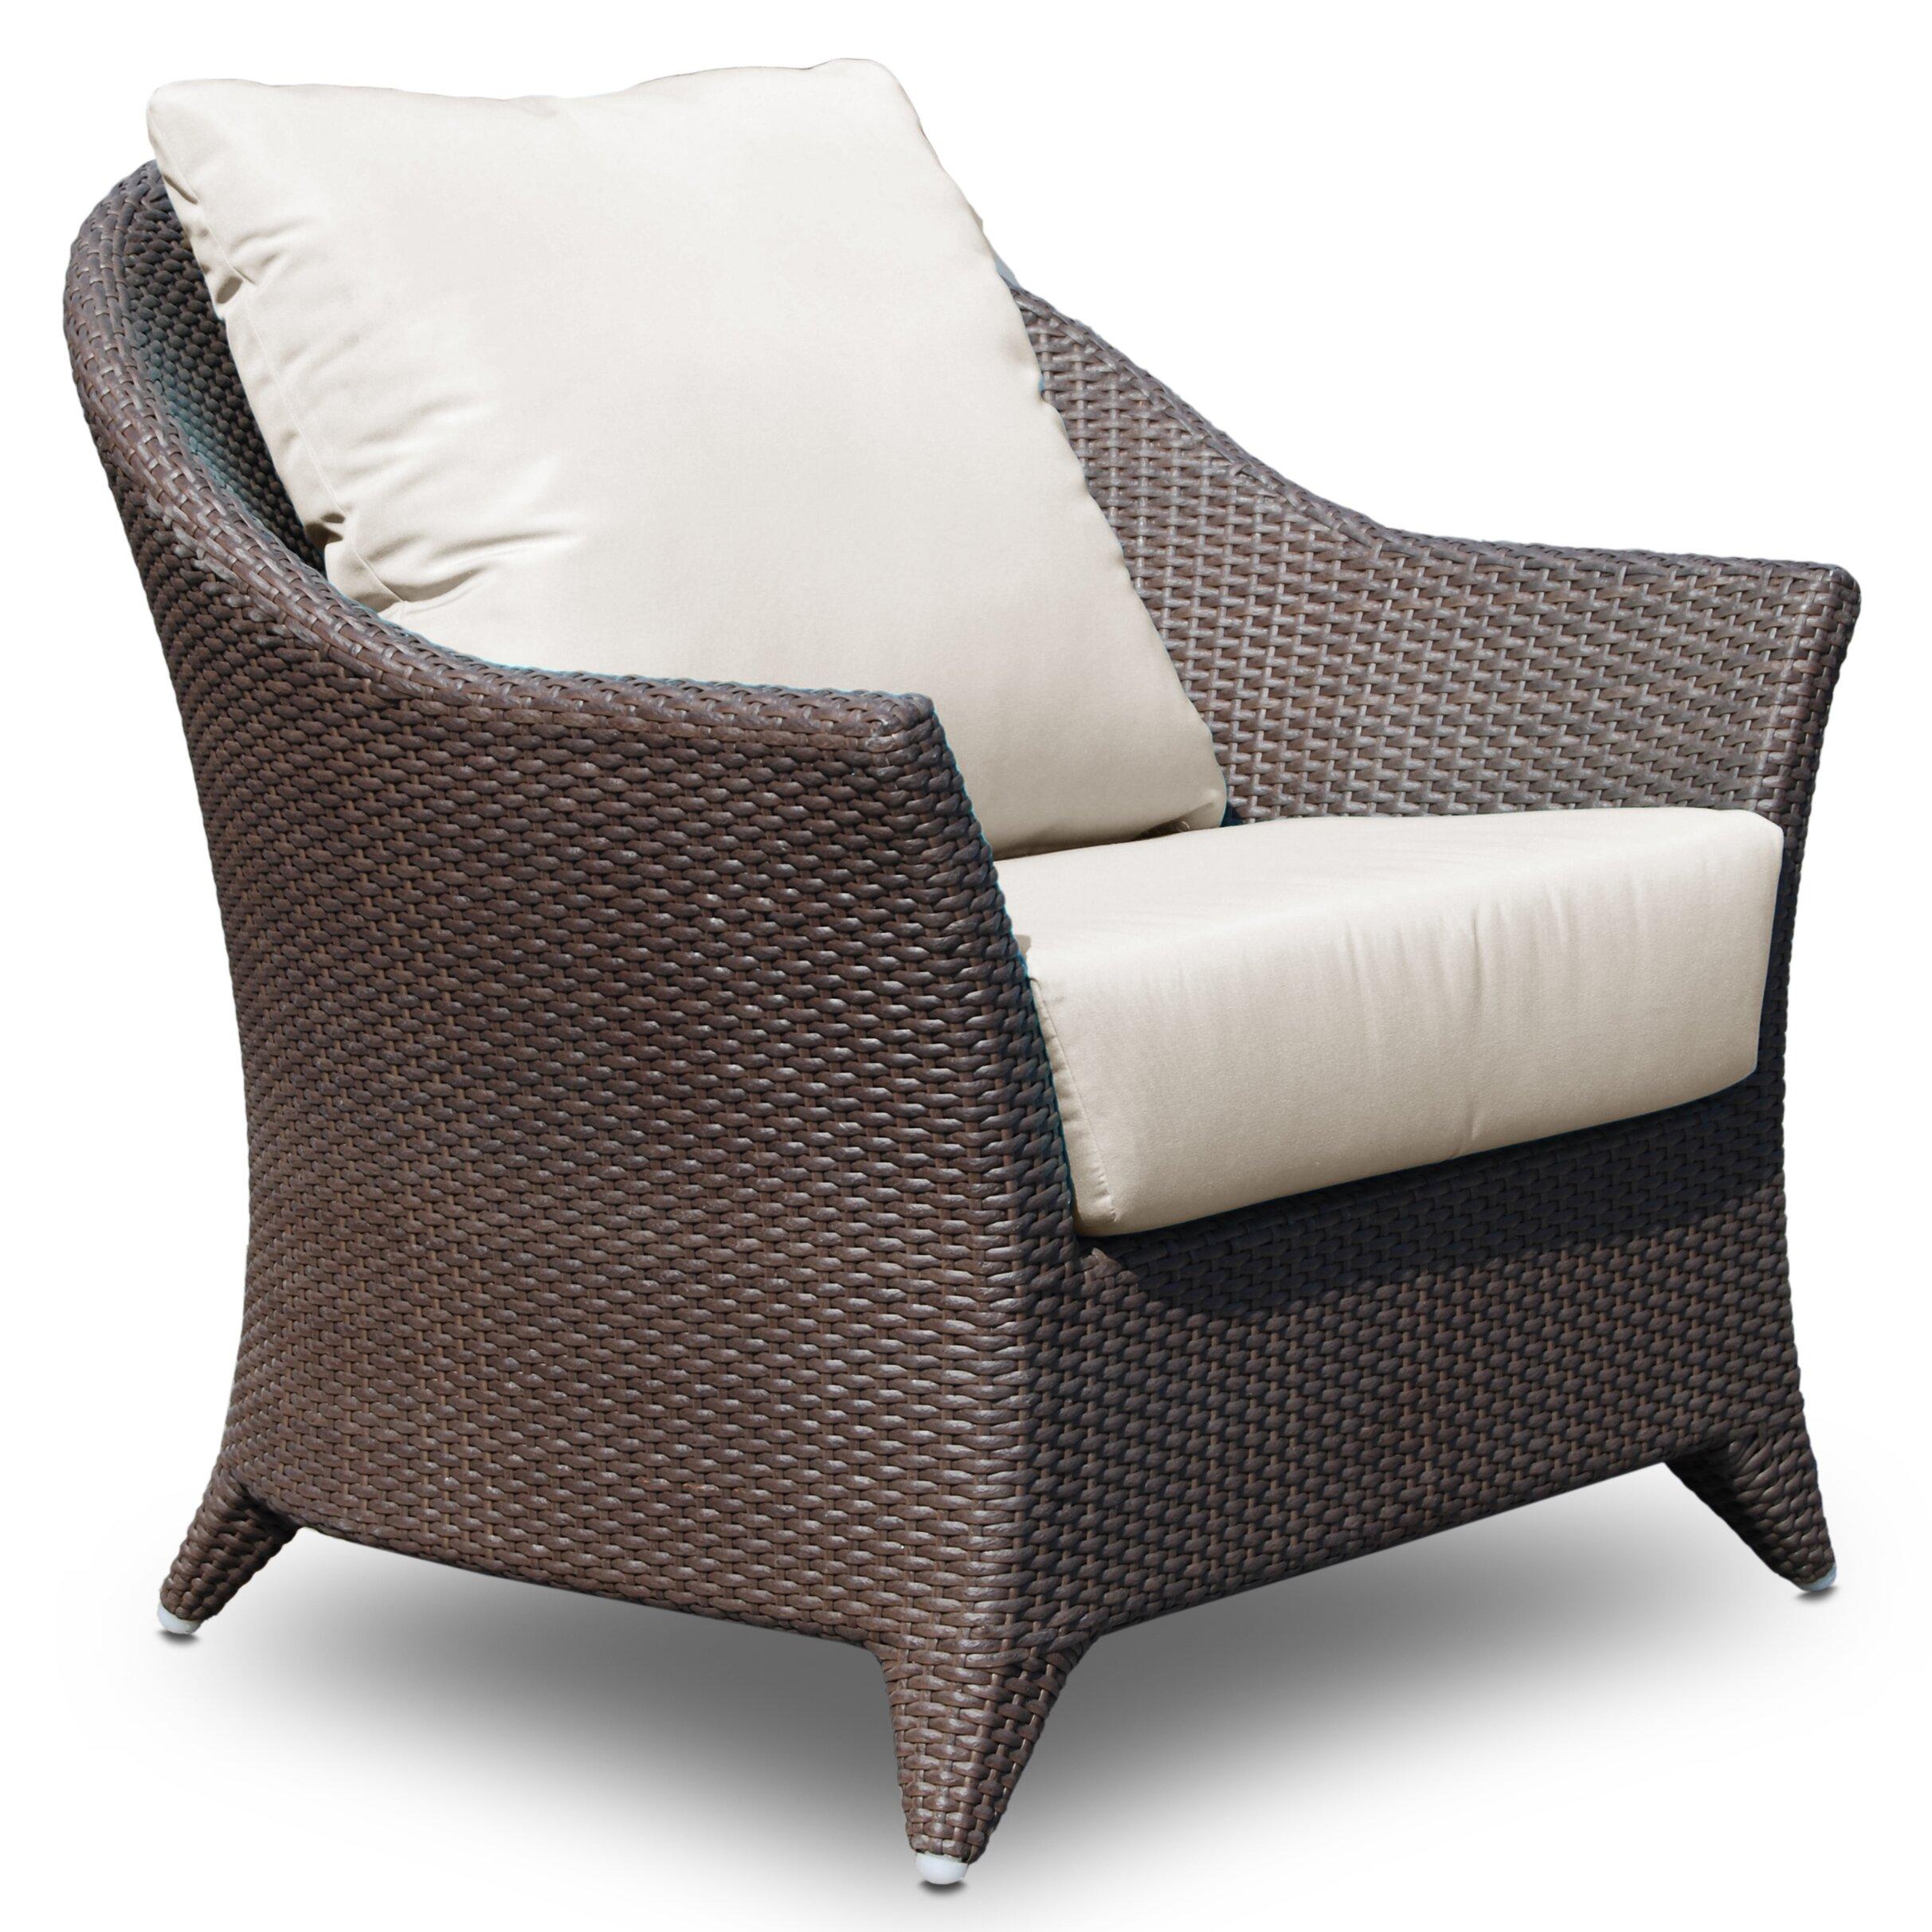 Hospitality Rattan Kenya Arm Chair with Cushion | Wayfair